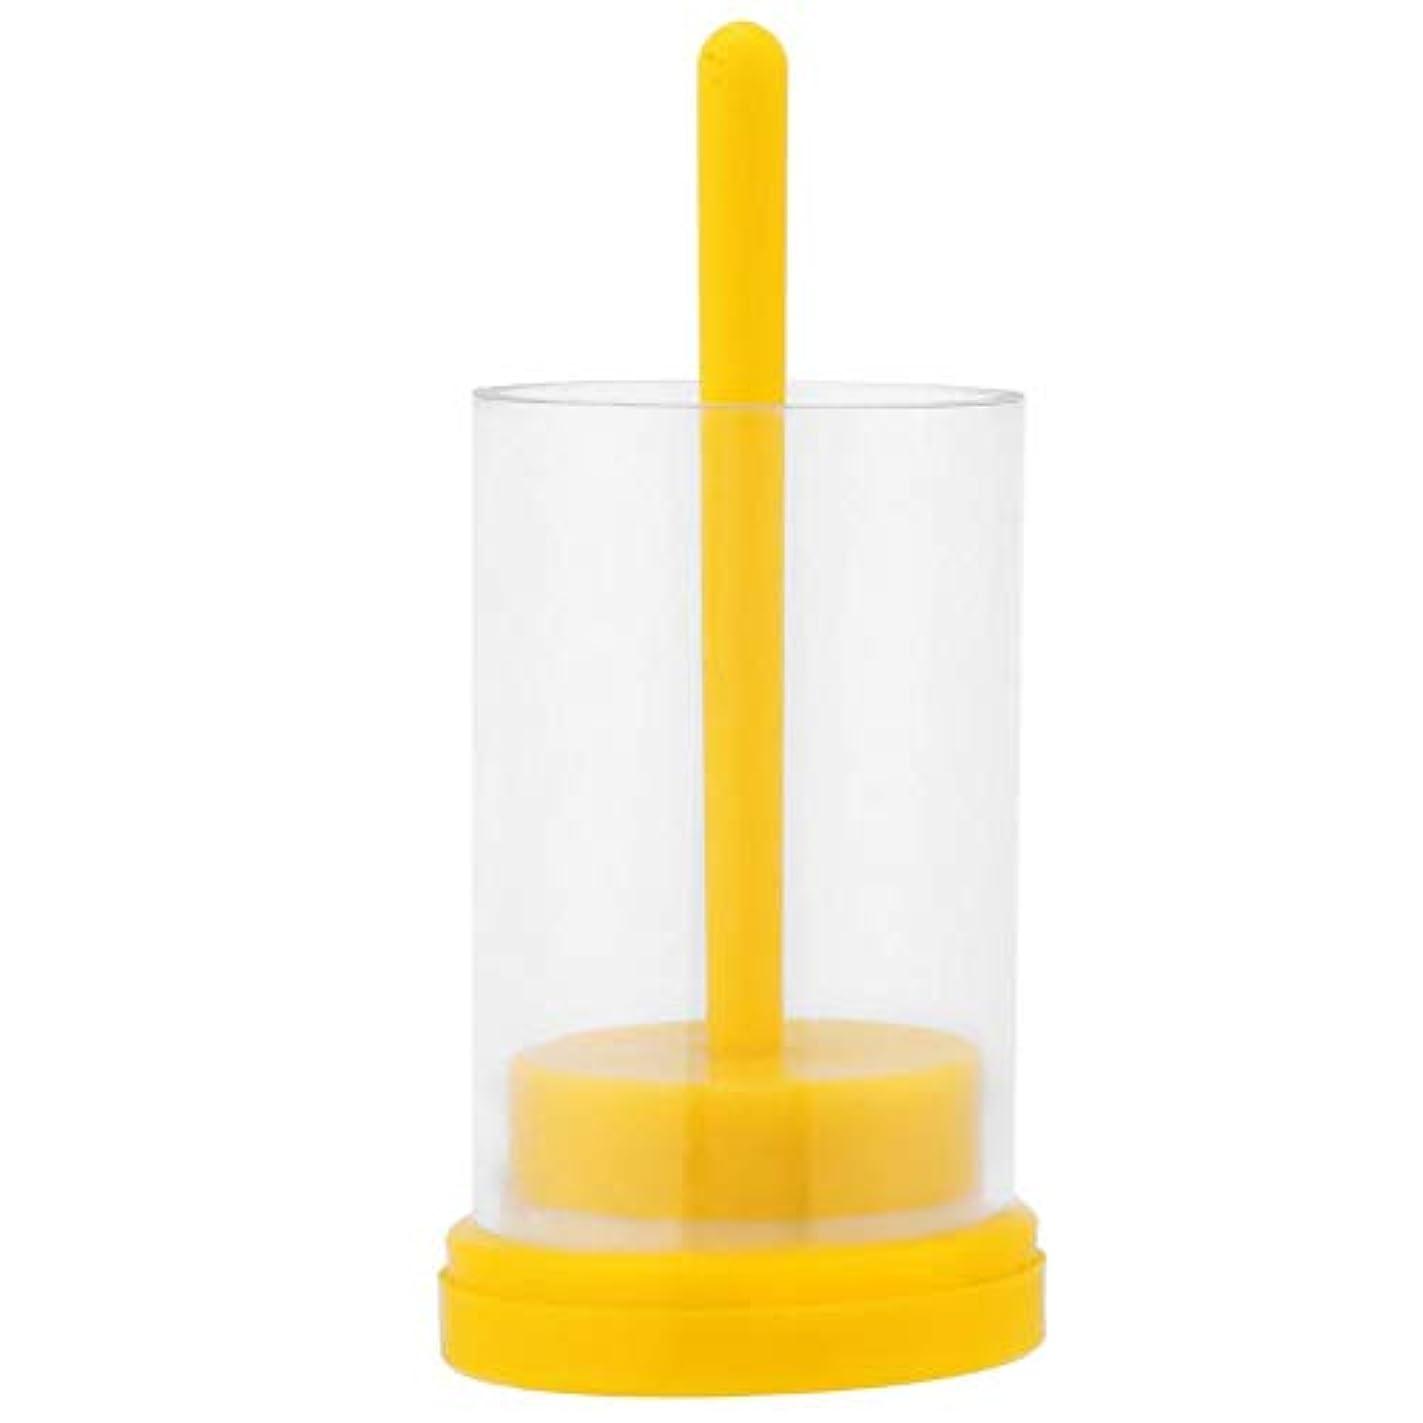 チーフ性交施設クイーンビーマーカー1PC 蜂の巣用 便利なソフトプランジャー付き マーキングケージボトル